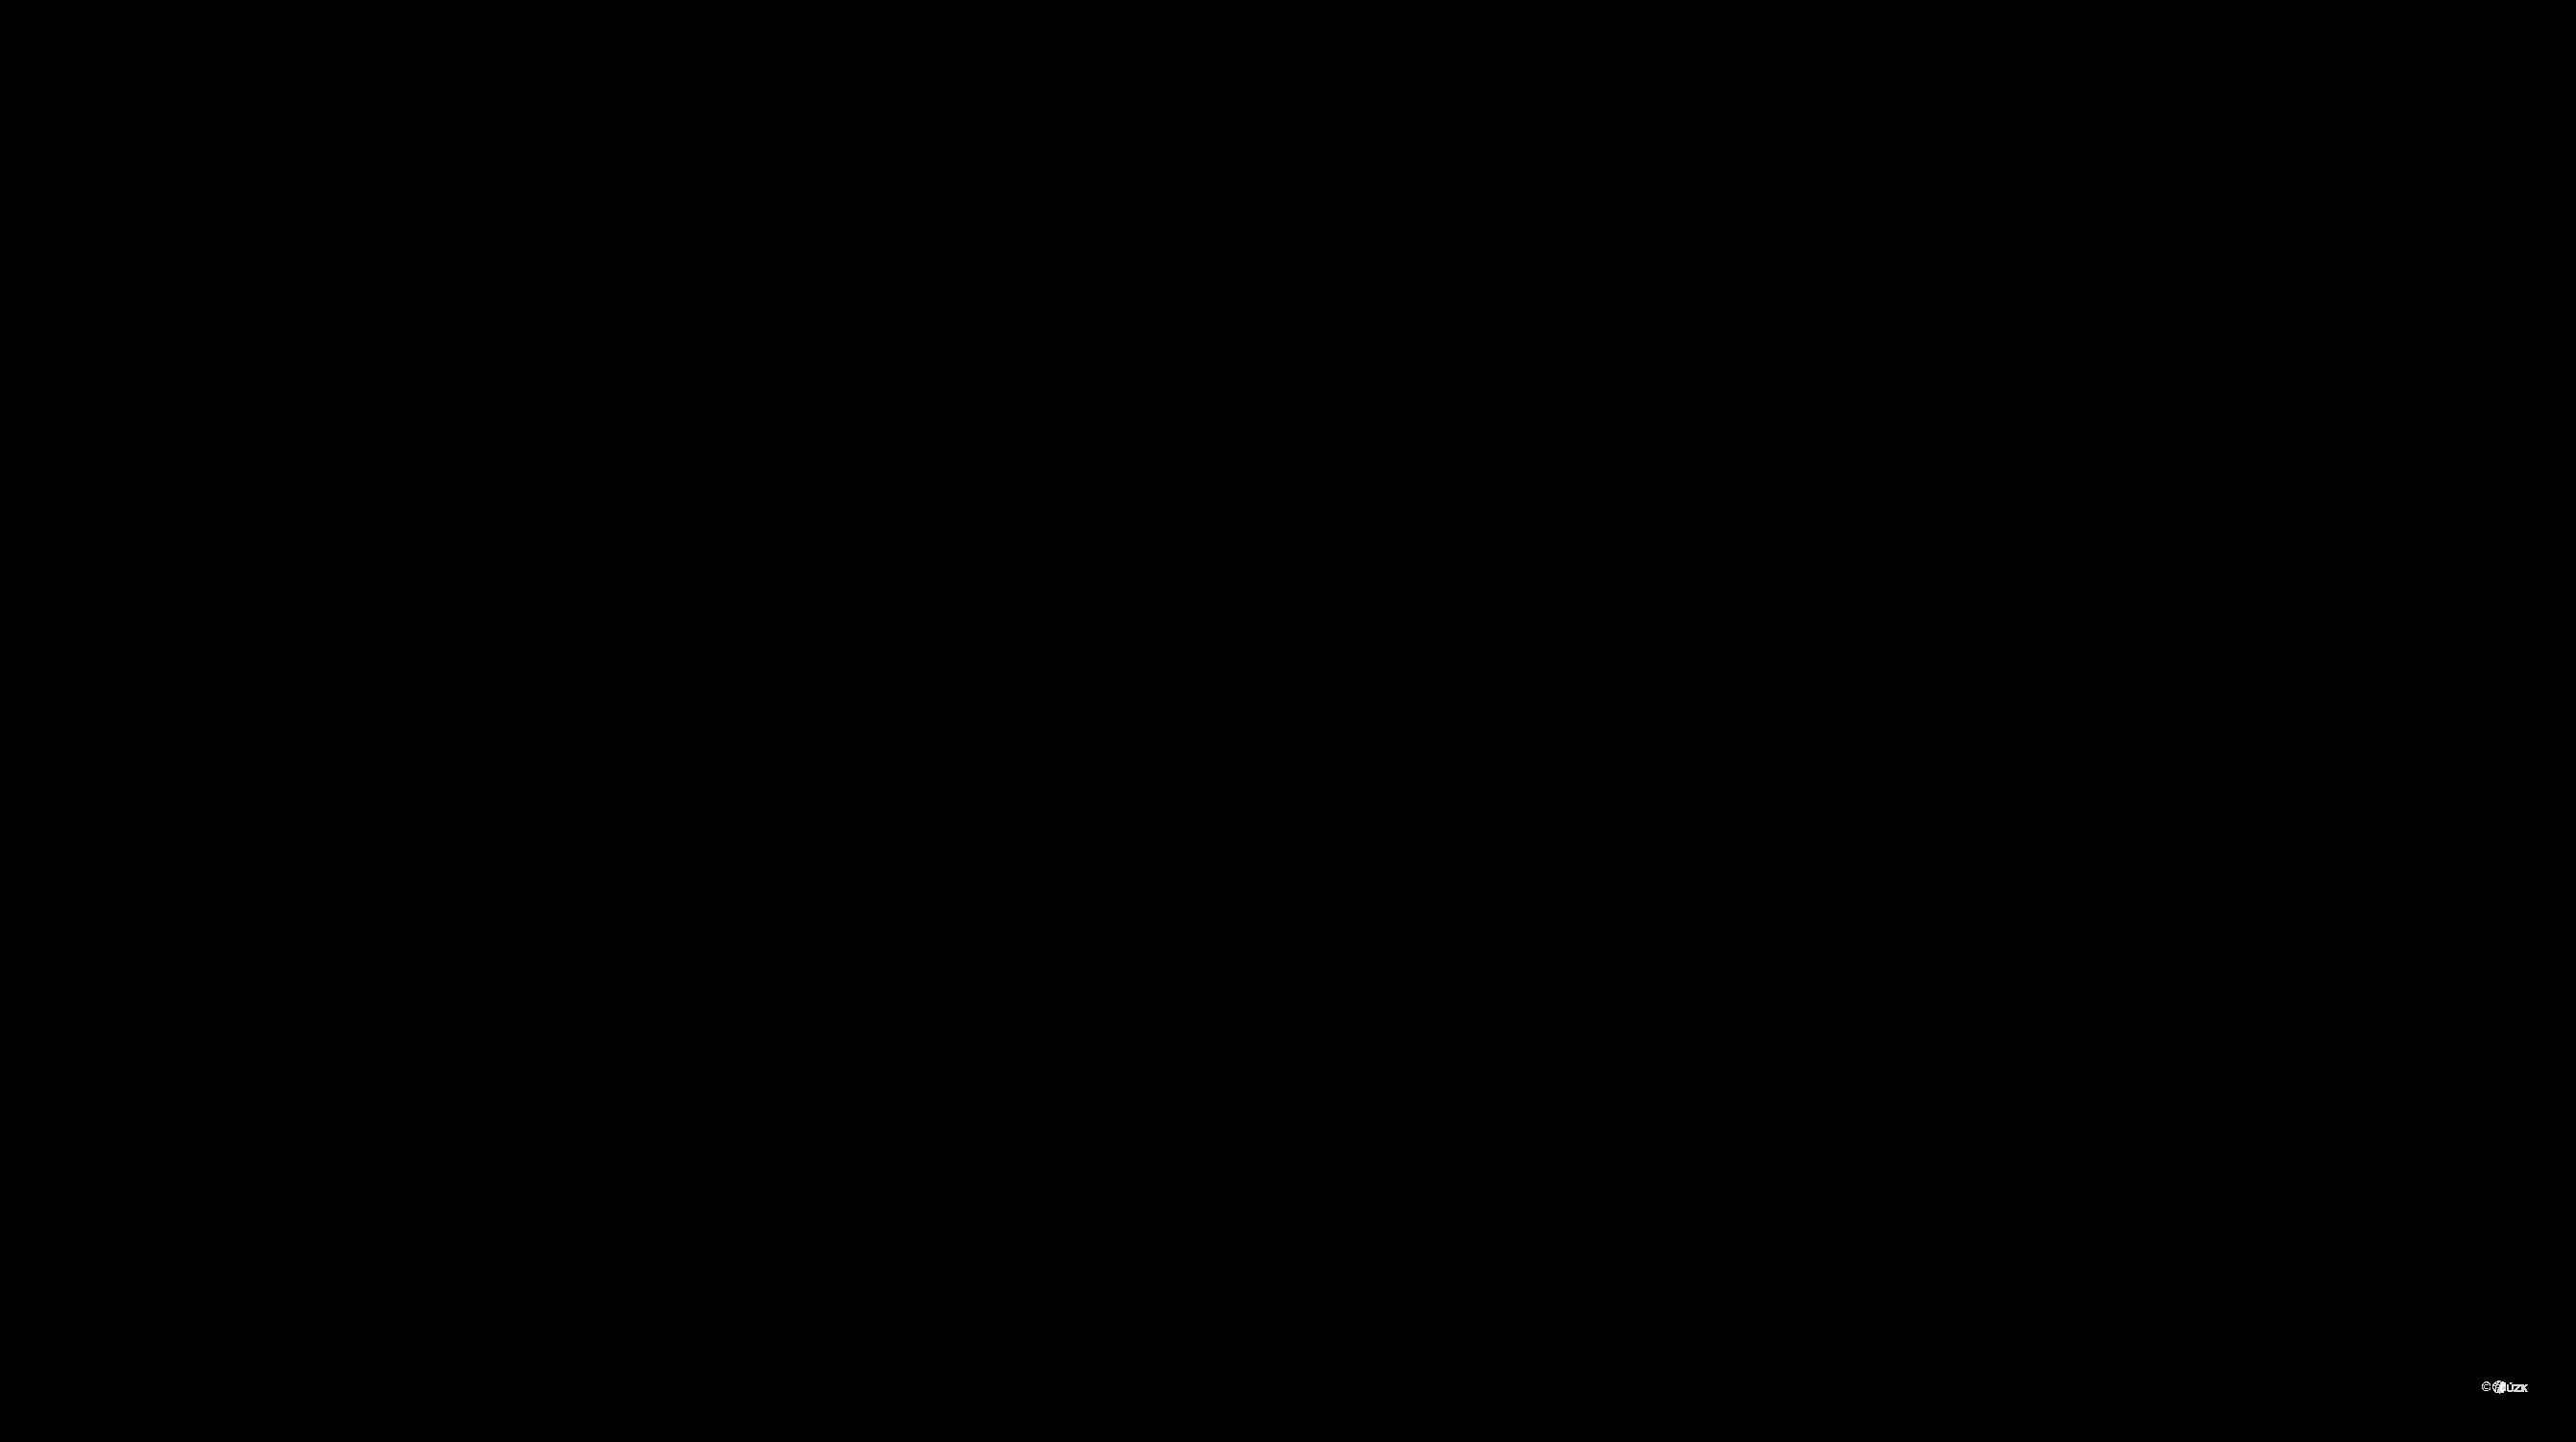 Katastrální mapa pozemků a čísla parcel Jihlava